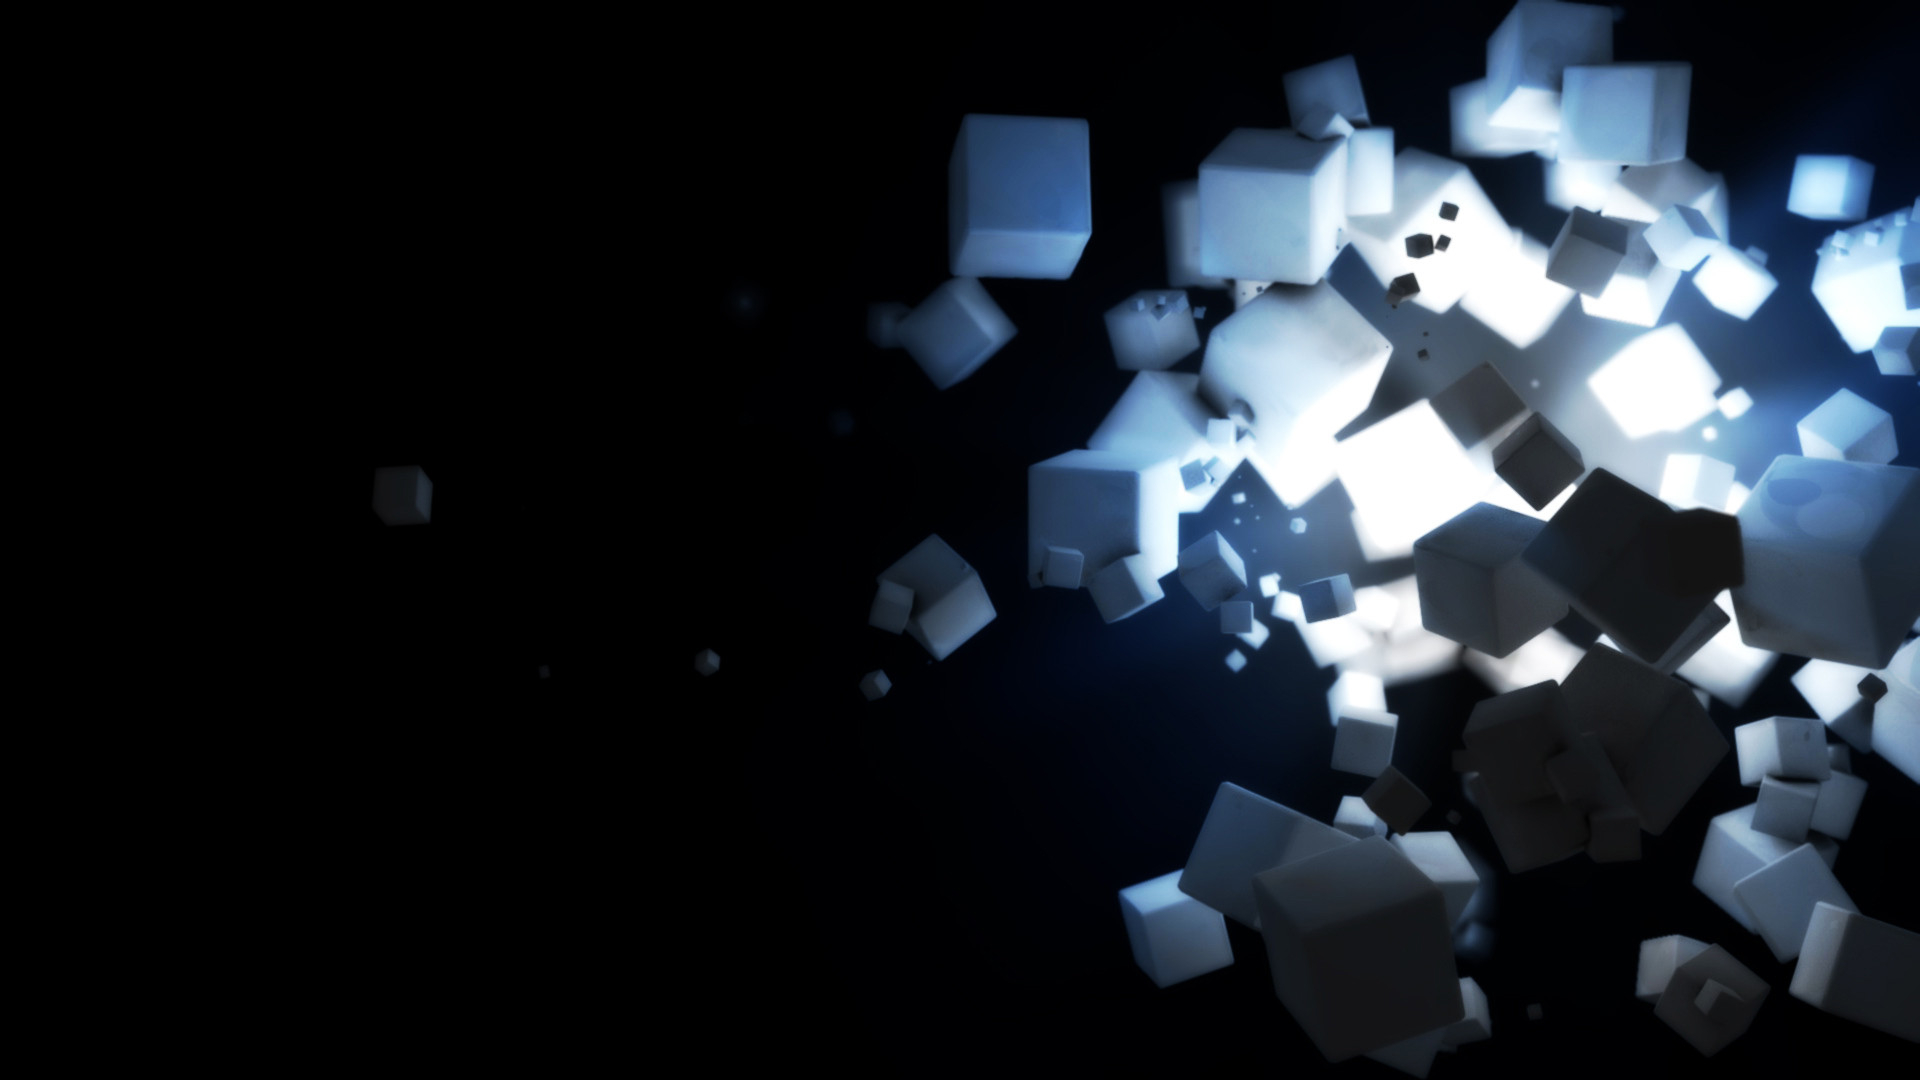 3D Cube wallpaper 16433 1920x1080